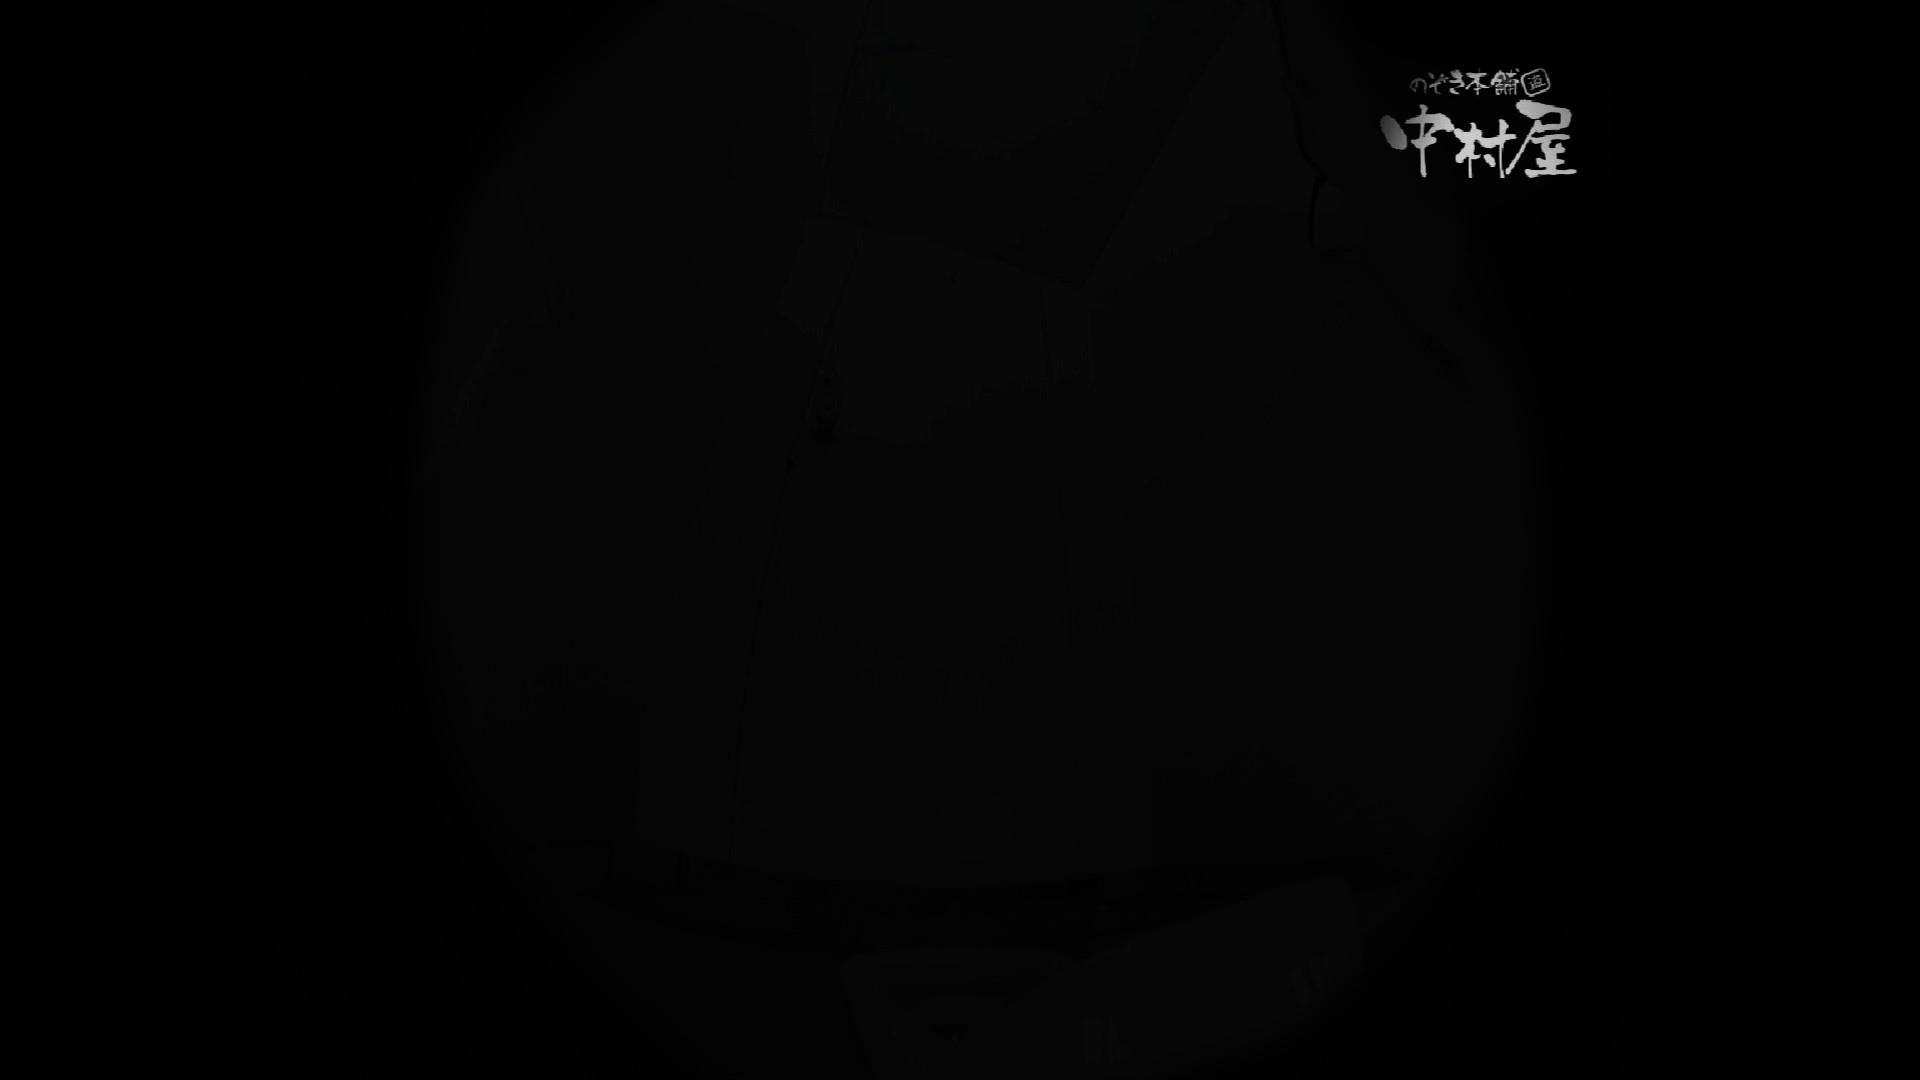 レースクィーントイレ盗撮!Vol.11 美しいOLの裸体 おまんこ無修正動画無料 96pic 2